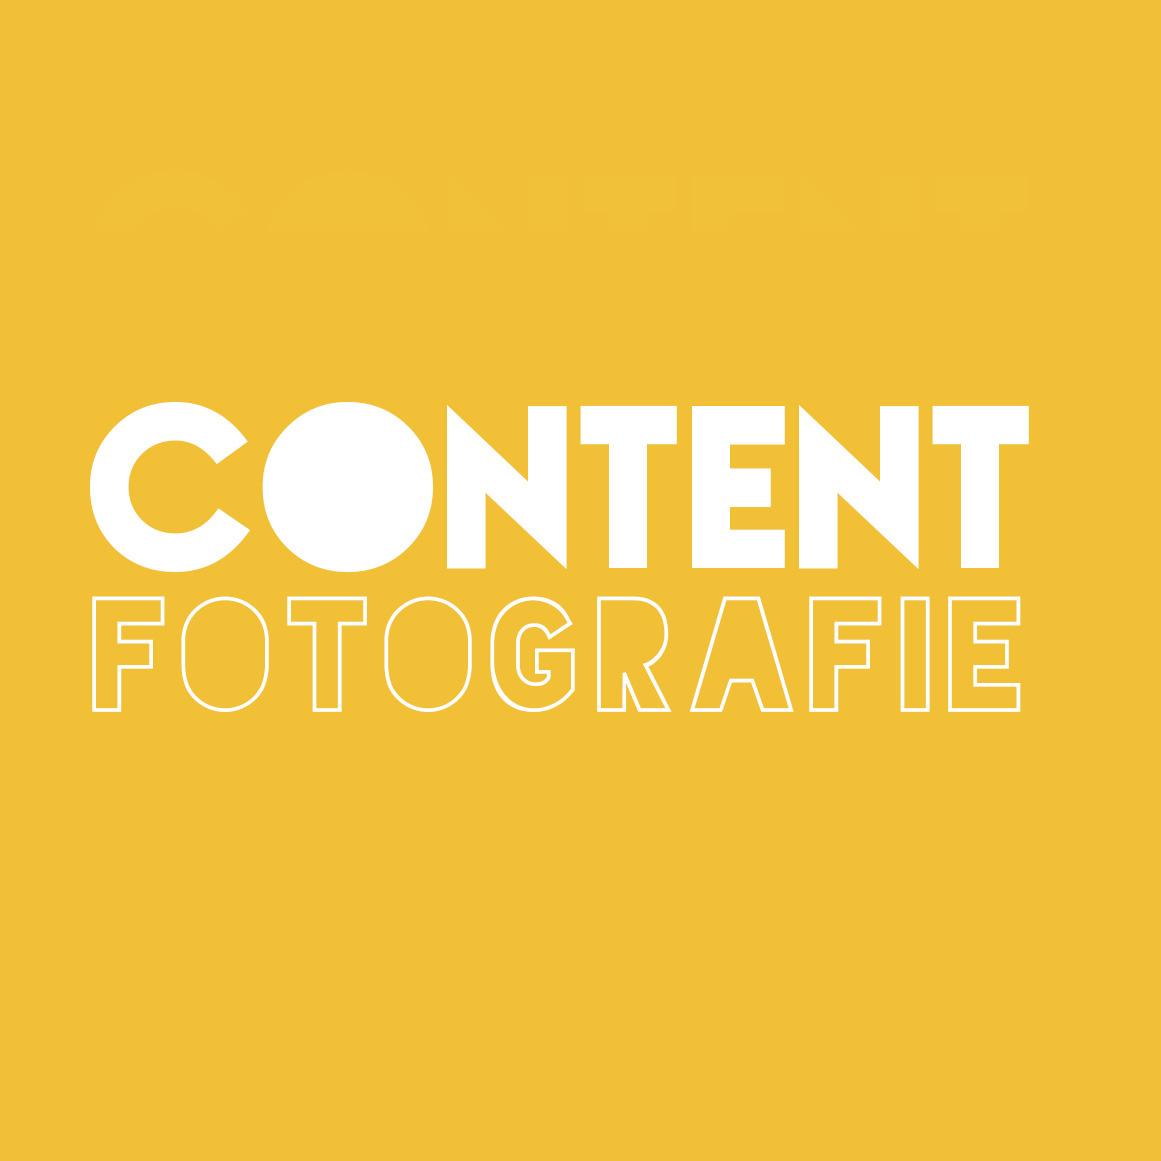 Content Fotografie